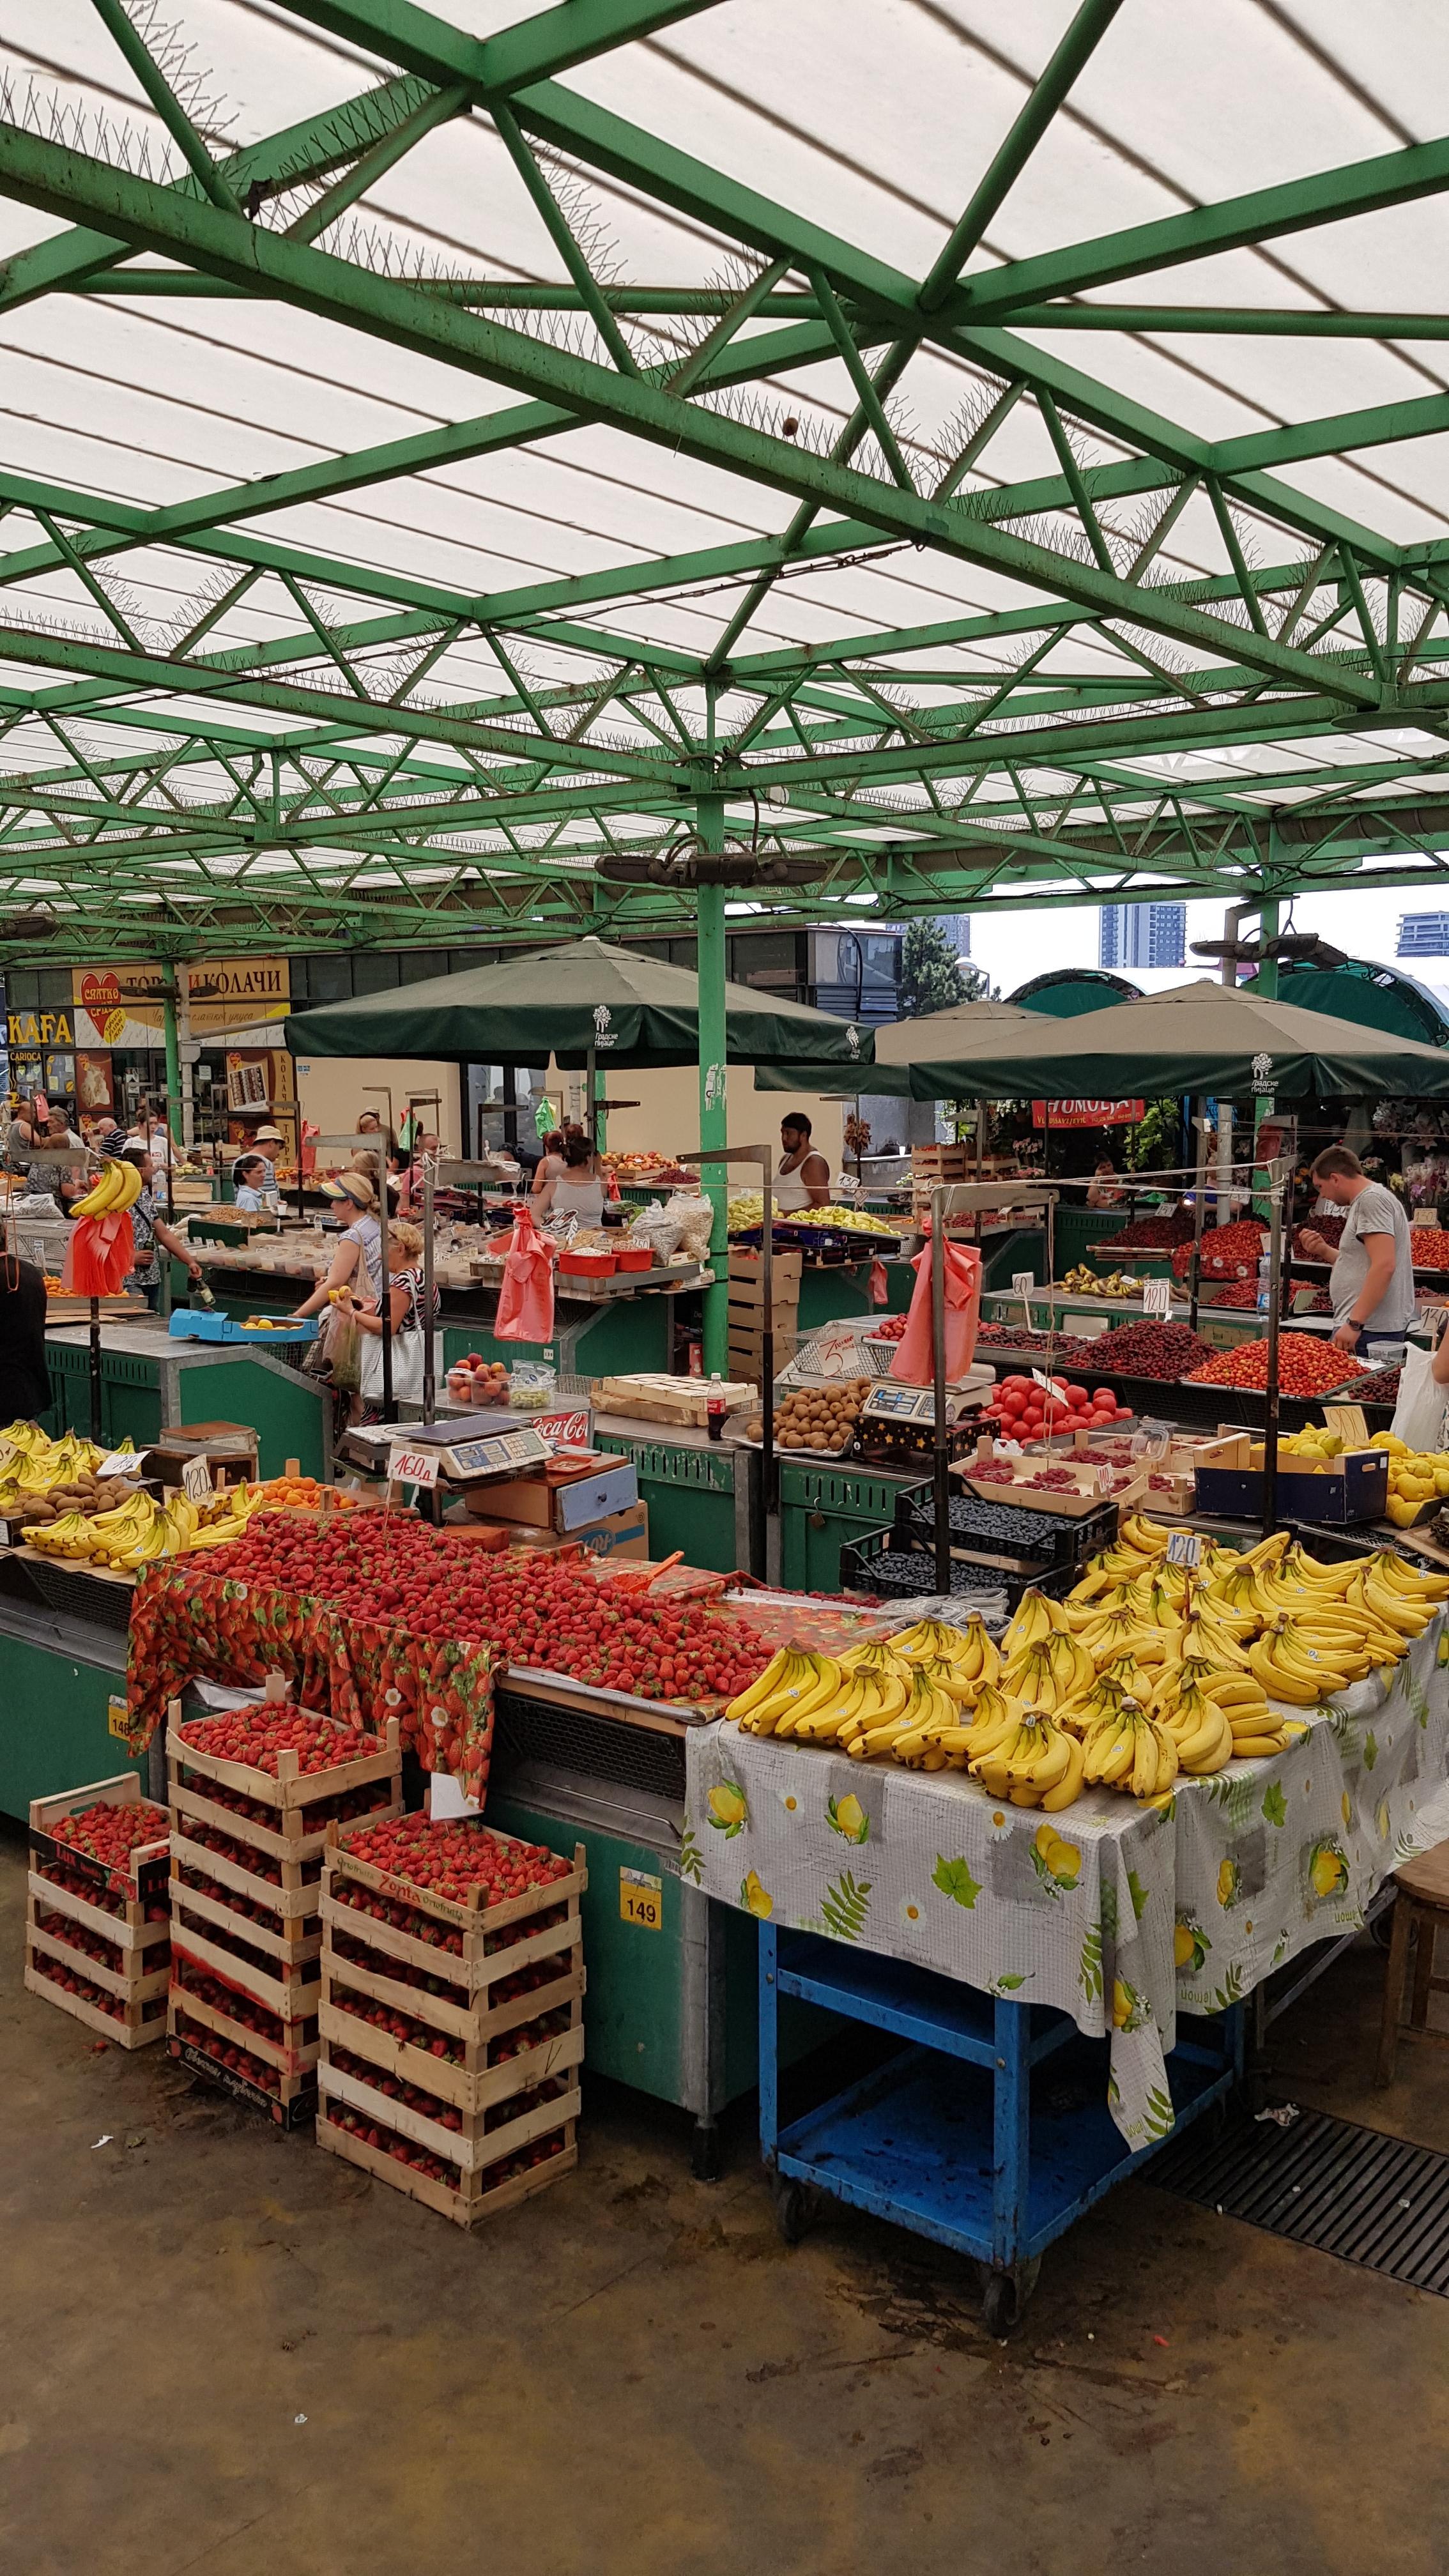 Feira com um monte de morango a preço de banana (ha-ha)